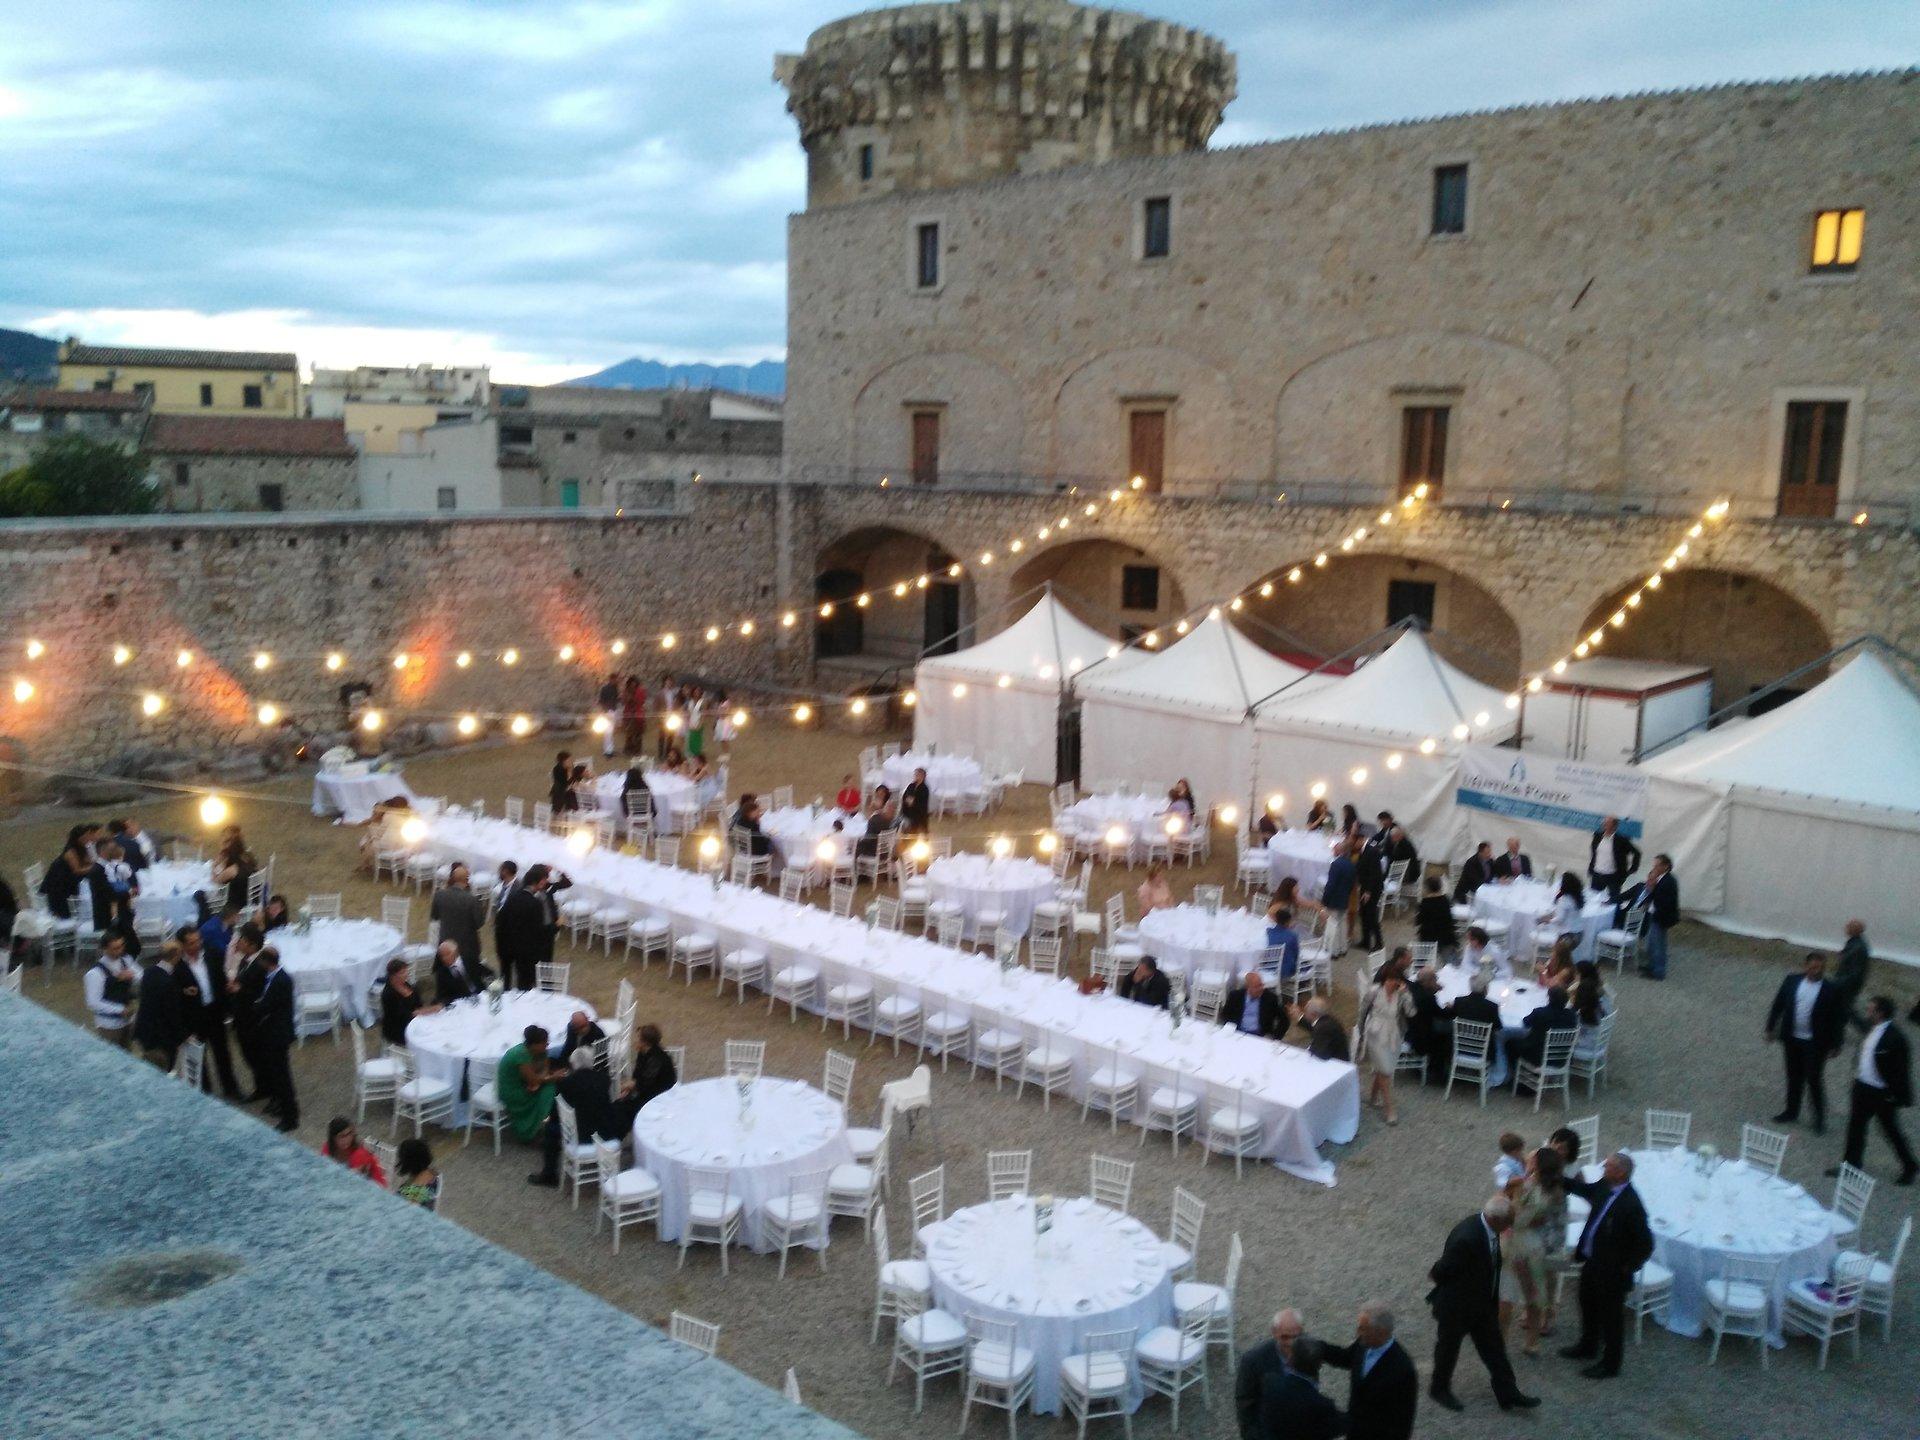 festa di matrimonio celebrata all'aperto